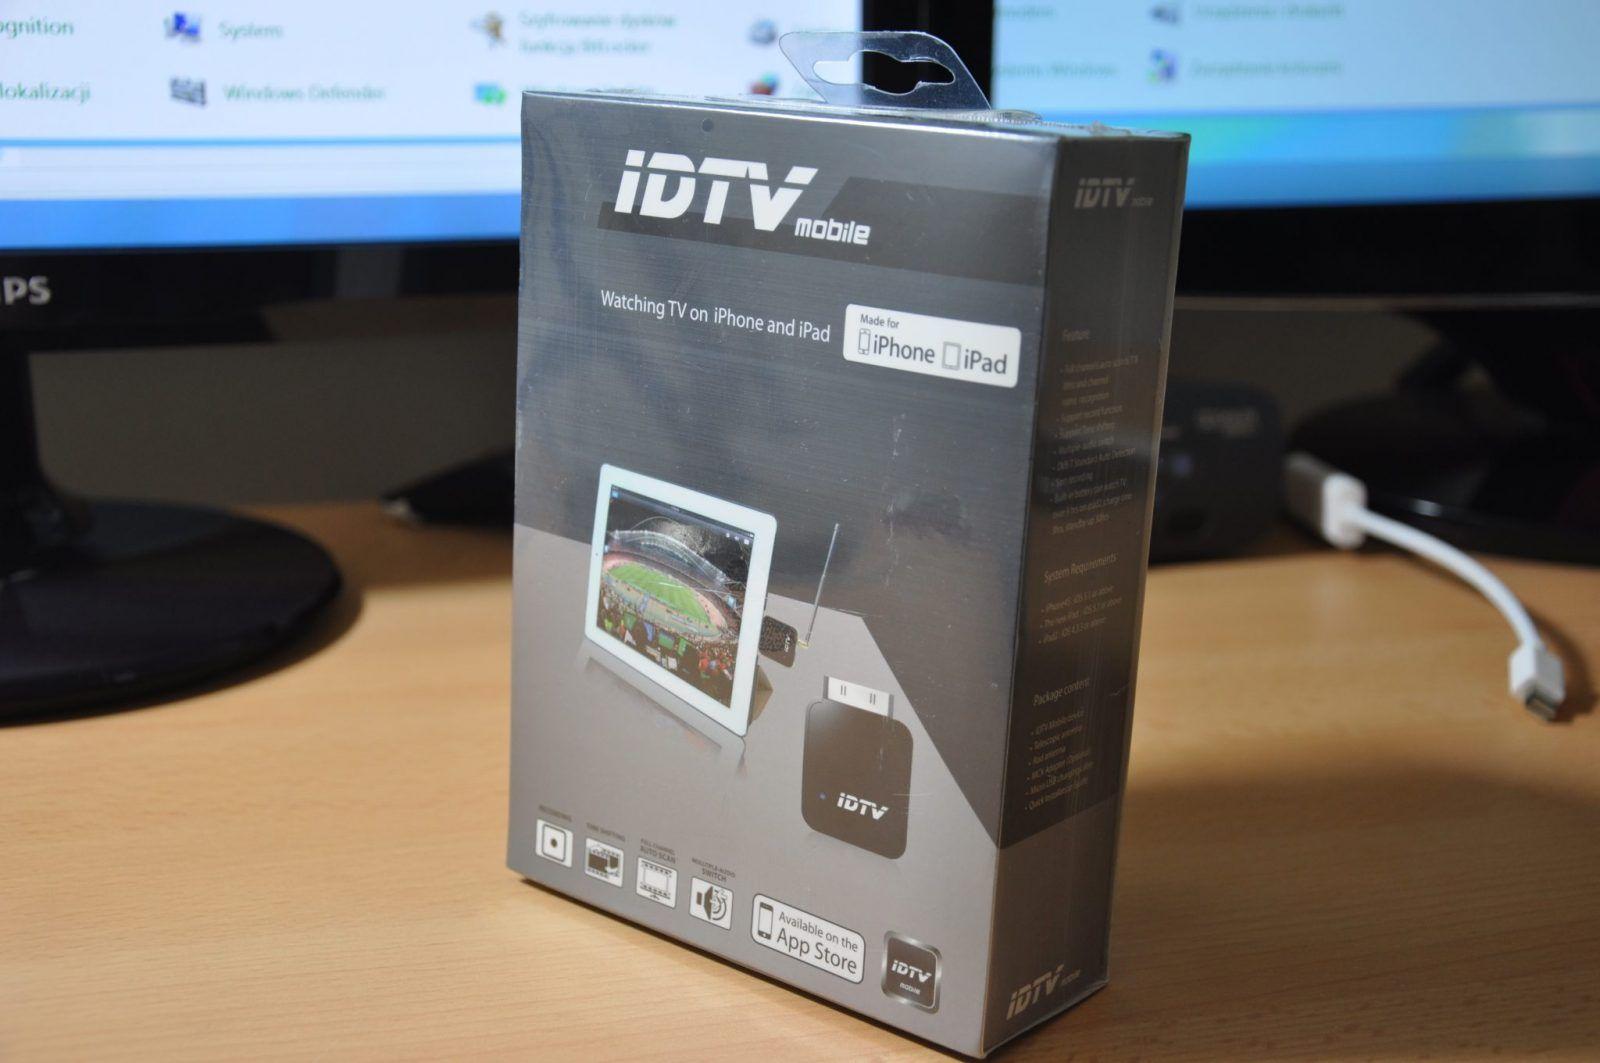 Recenzja: iDTV mobile ? Cyfrowa telewizja na iPadzie i iPhonie